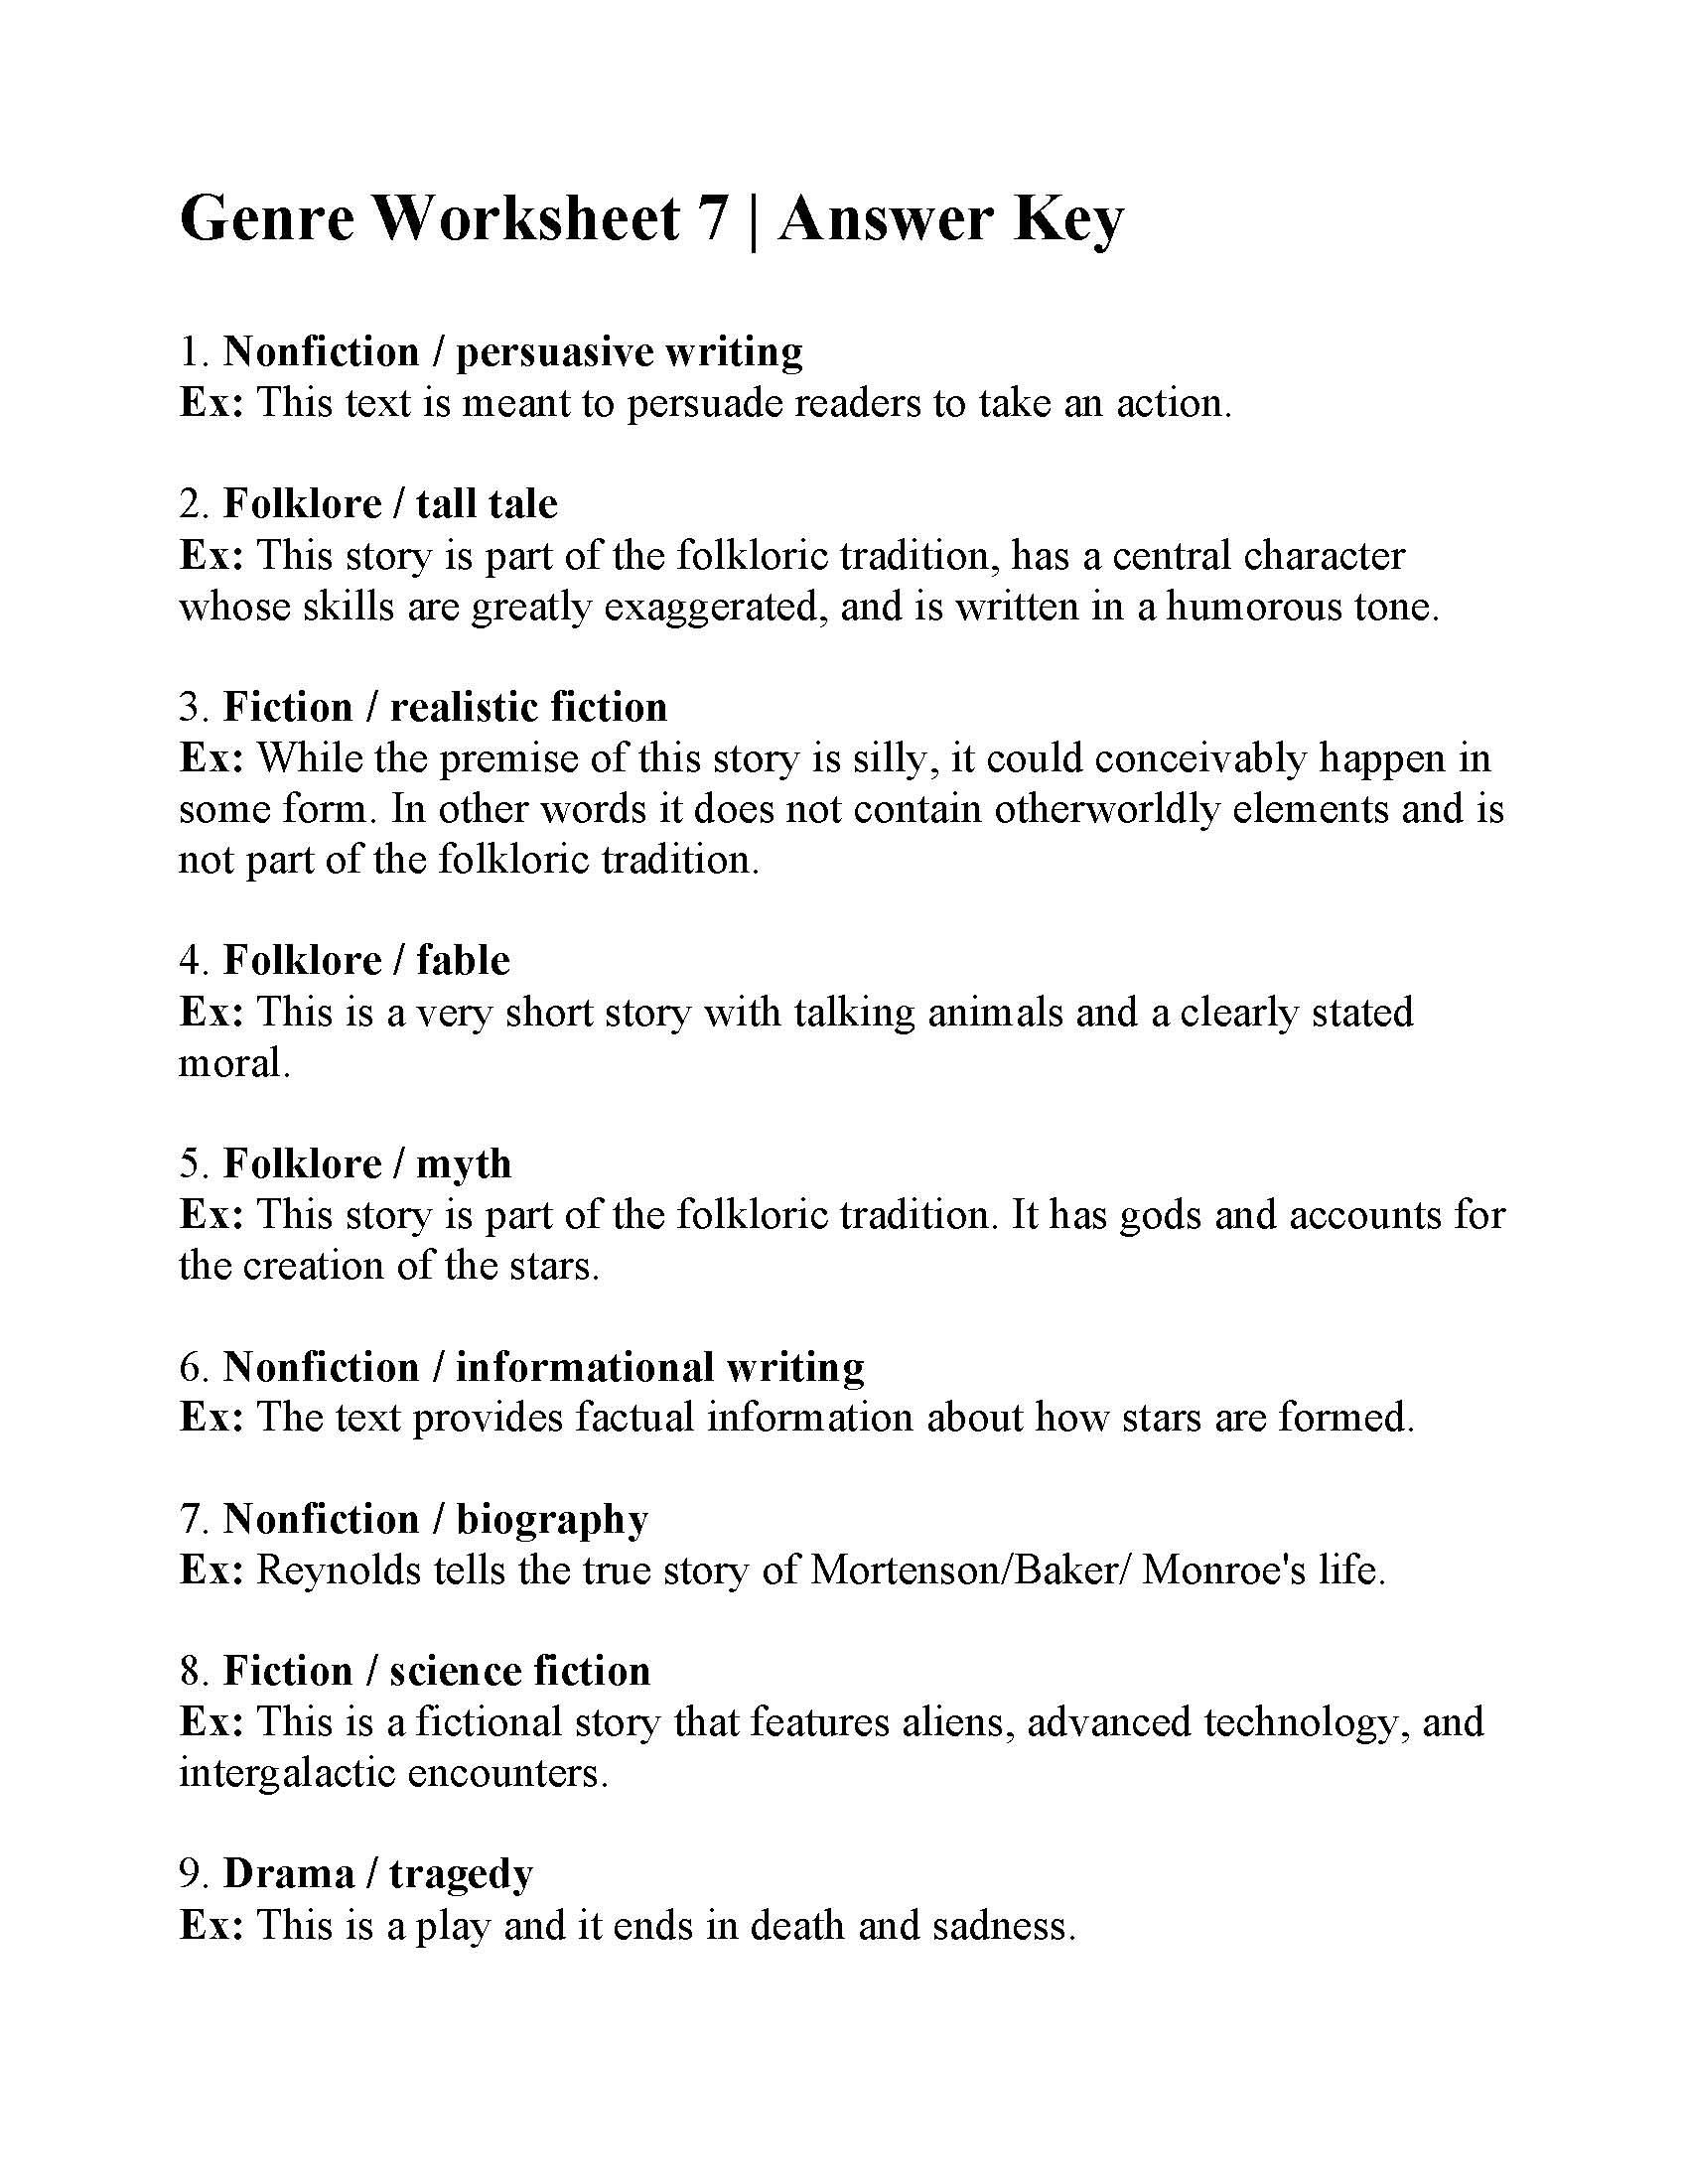 Genre Worksheet 7